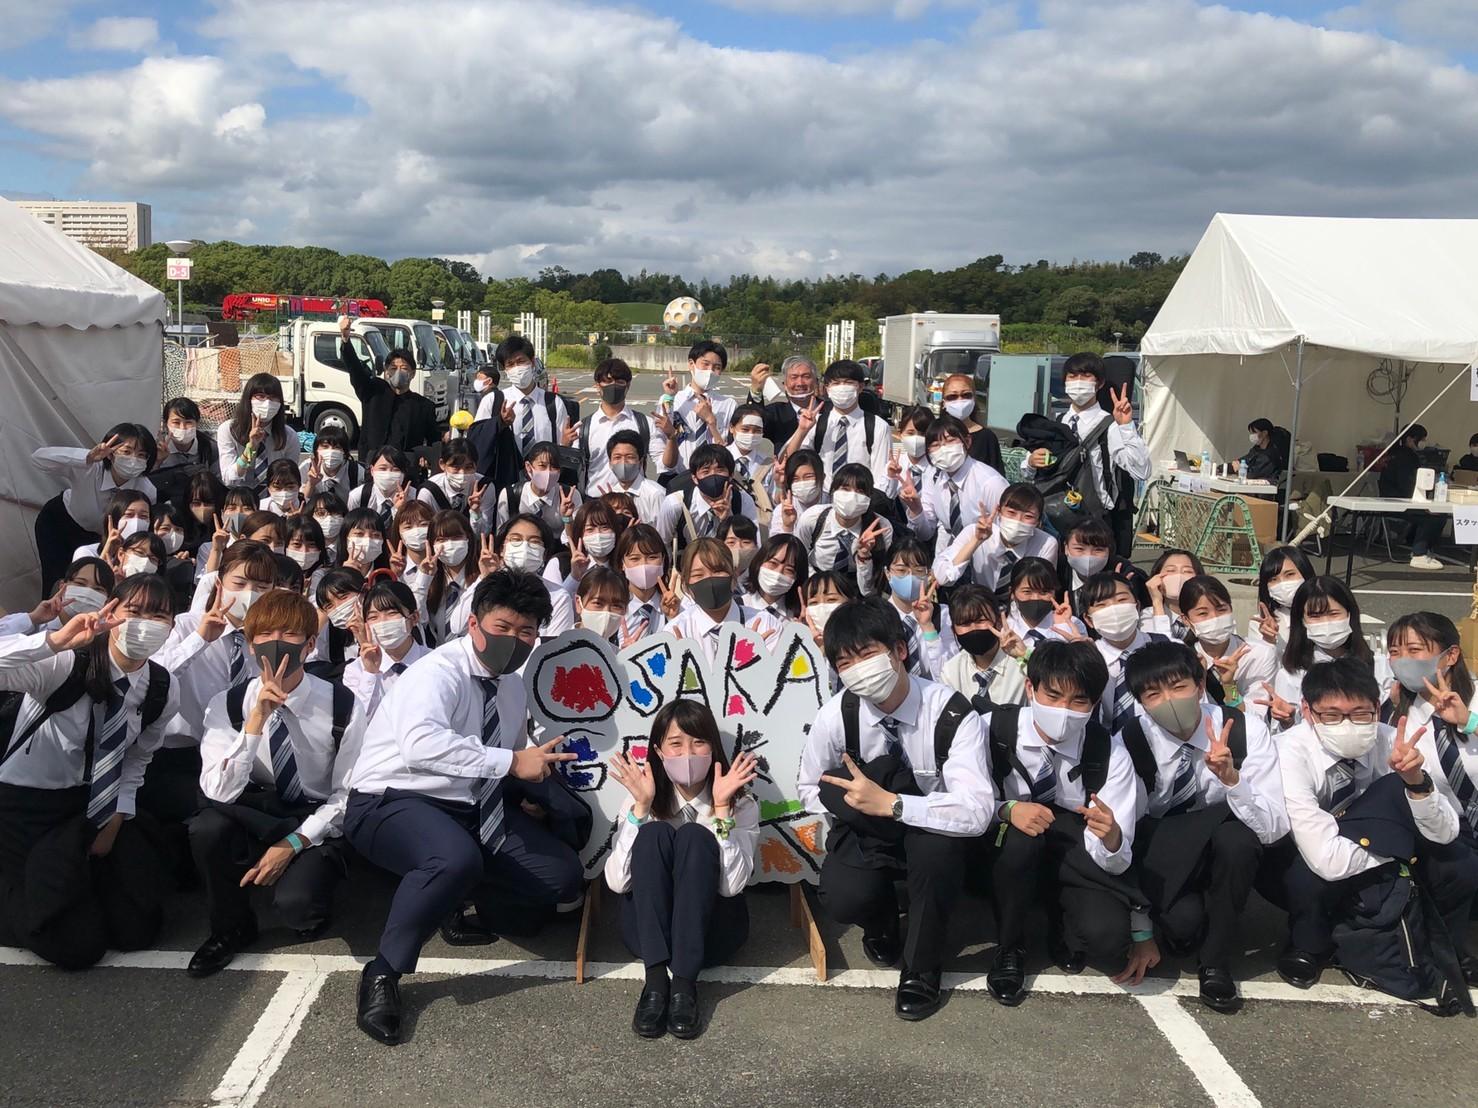 関西大学応援団吹奏楽部 『OSAKA GENKI PARK』での集合写真